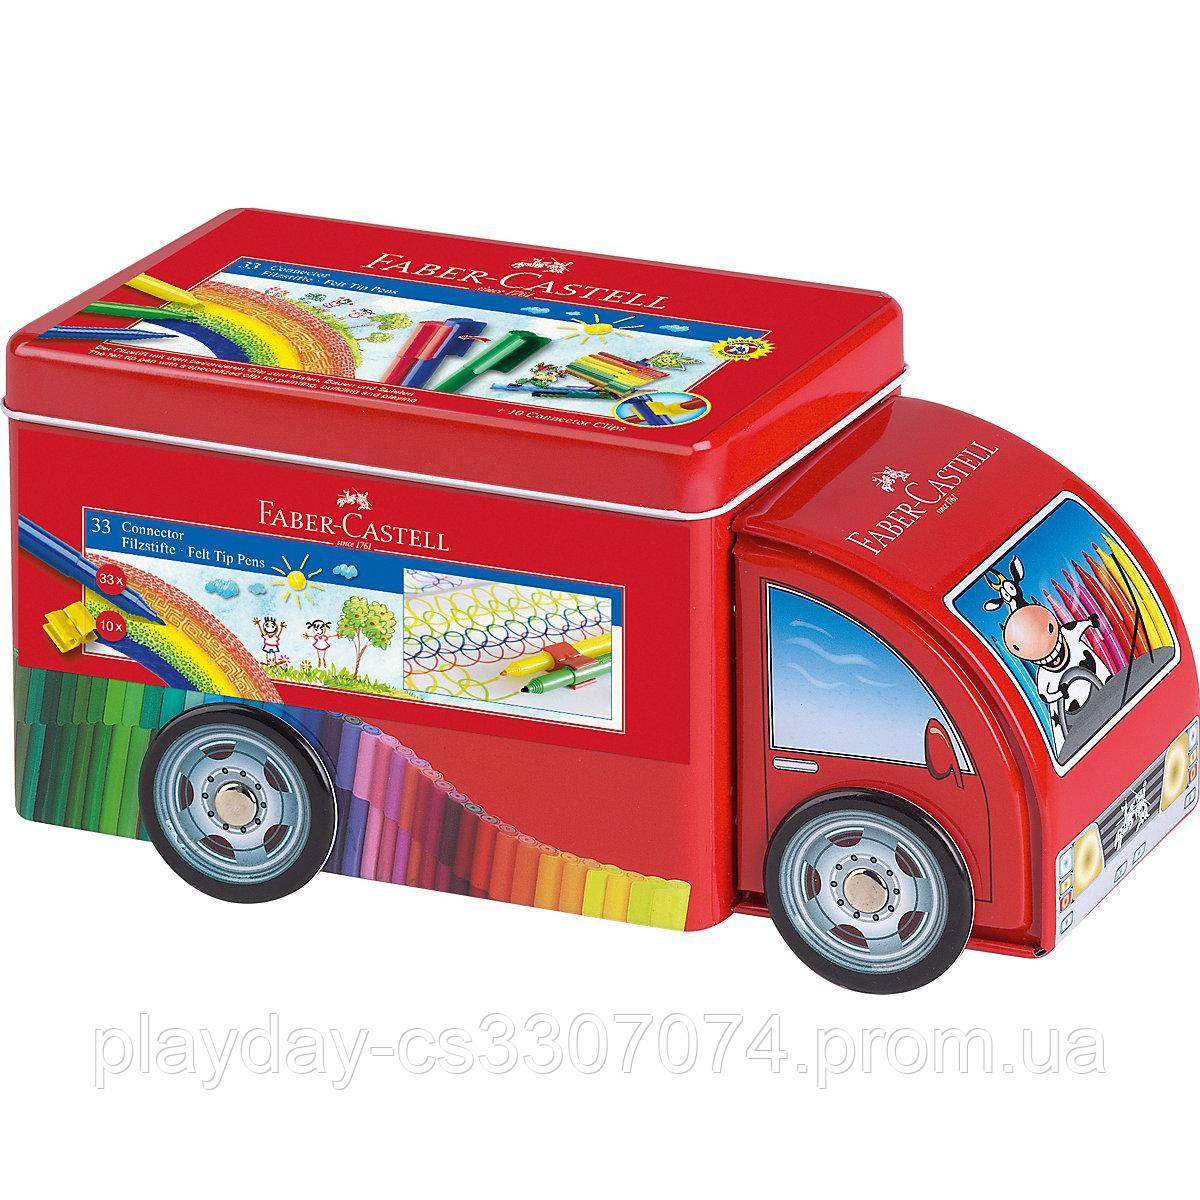 Набор фломастеров в жестяной контейнере-машинке 33 цвет от Faber-CastelI